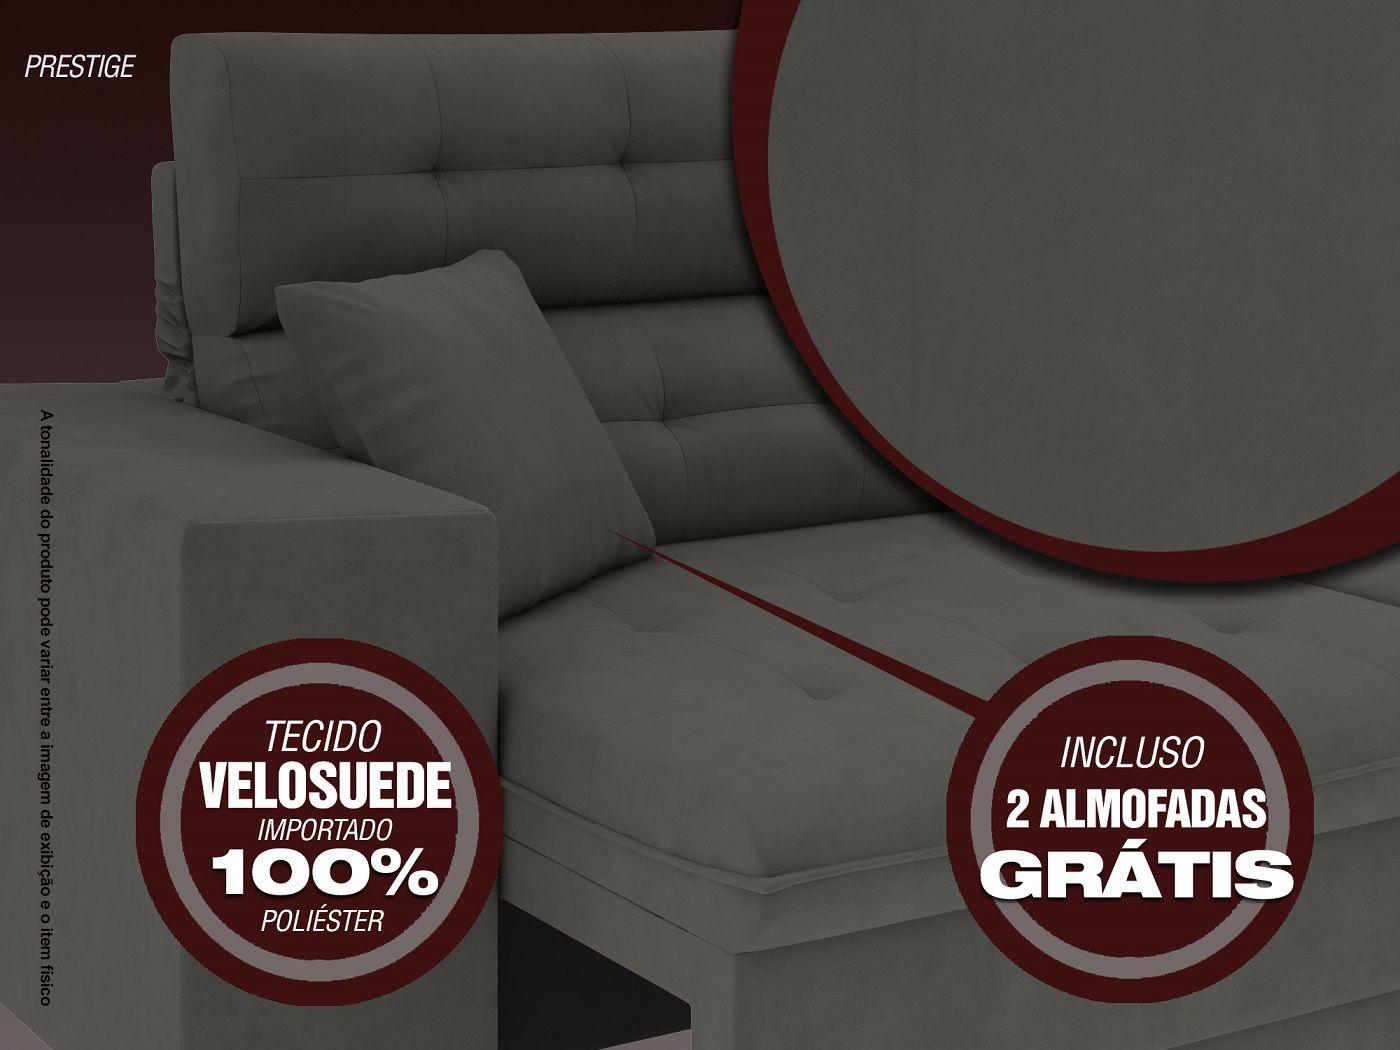 Sofá 5 Lugares Net Prestige Assento Retrátil e Reclinável Cinza 2,50m (L)